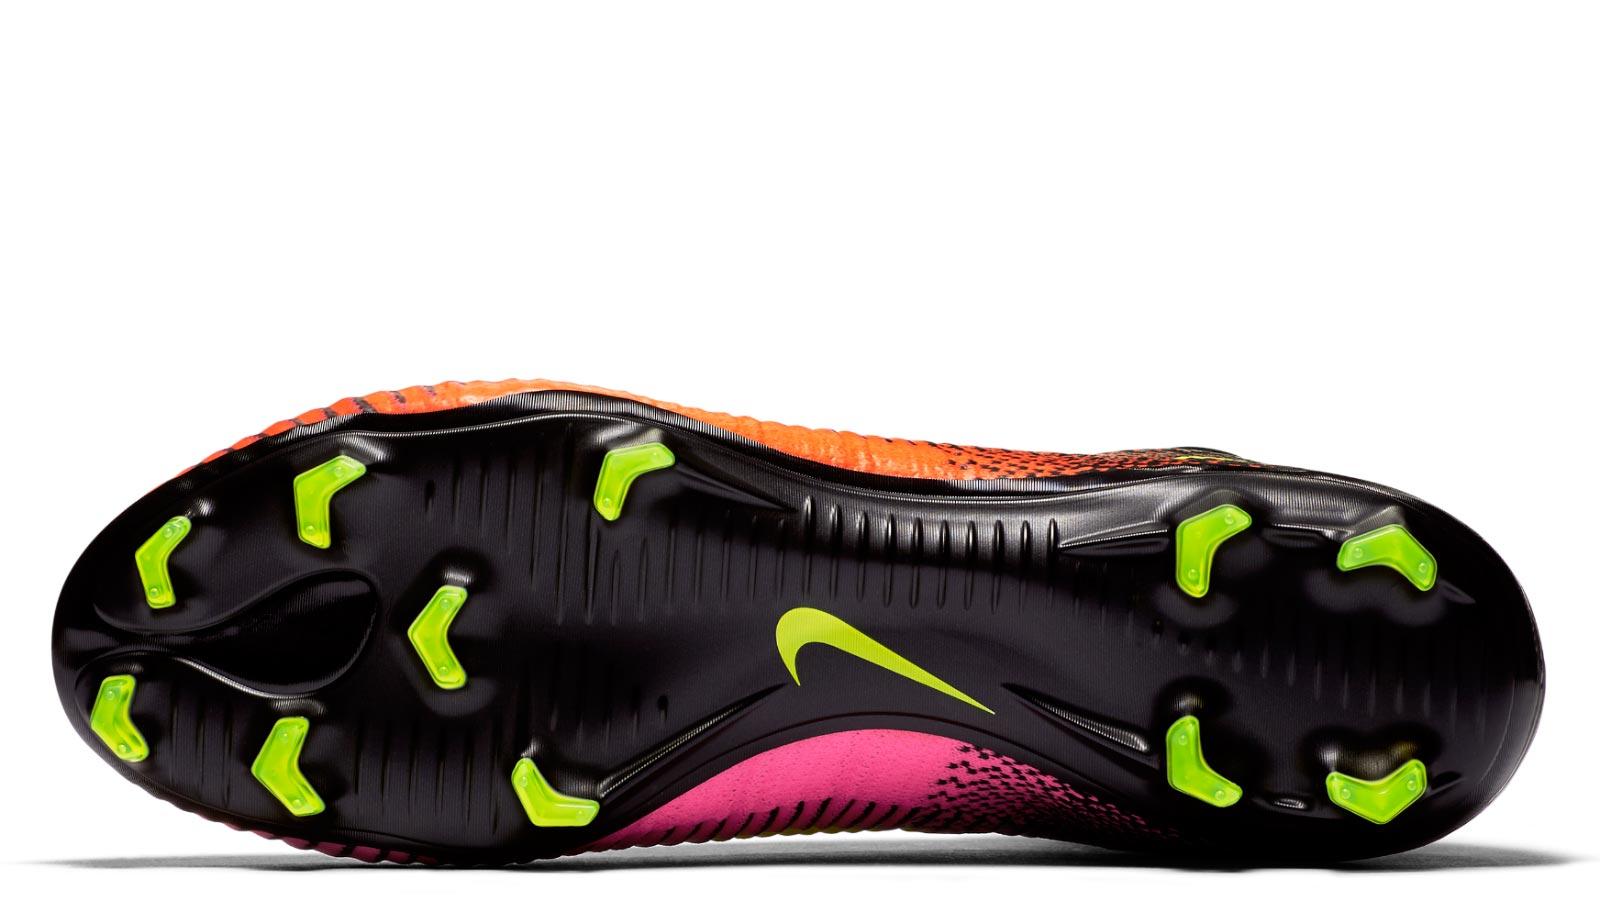 Nike Mercurial Superfly Vi